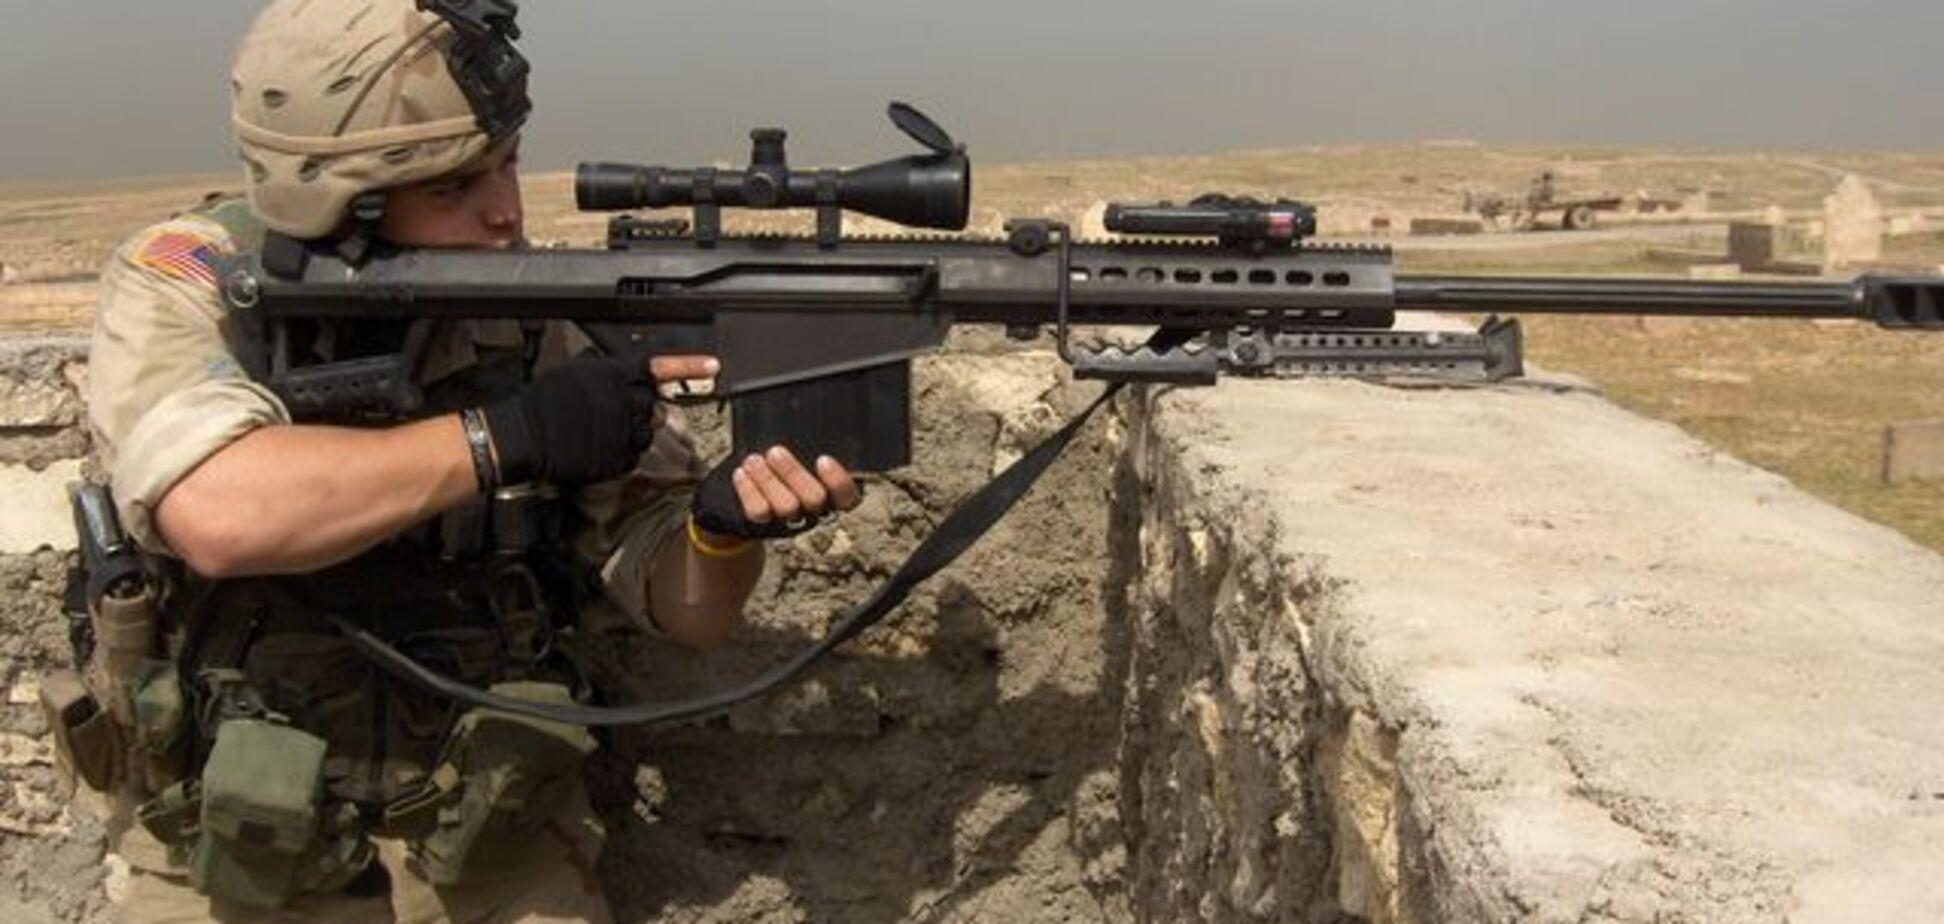 Сотни винтовок Barrett для ВСУ: генерал пояснил, как они изменят погоду в АТО